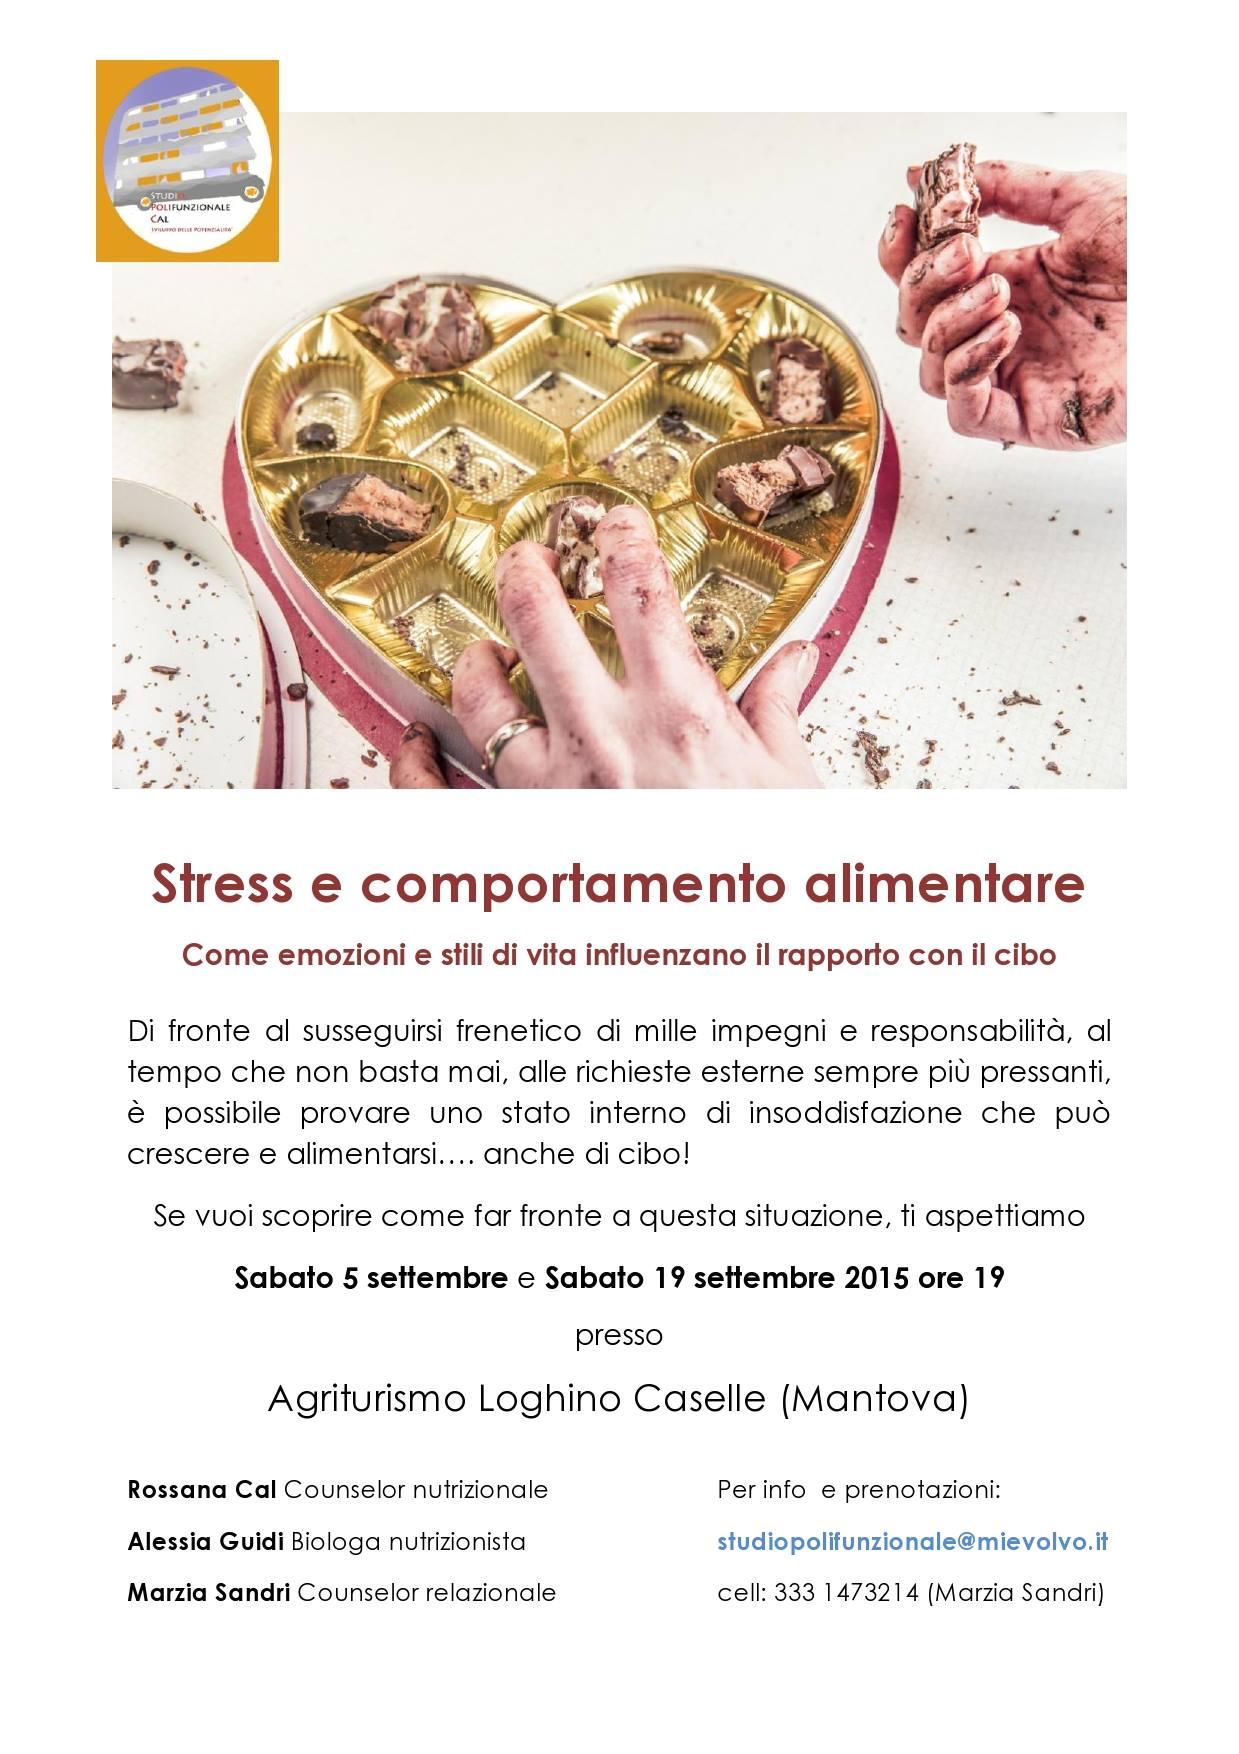 stress e comportamento alimentare